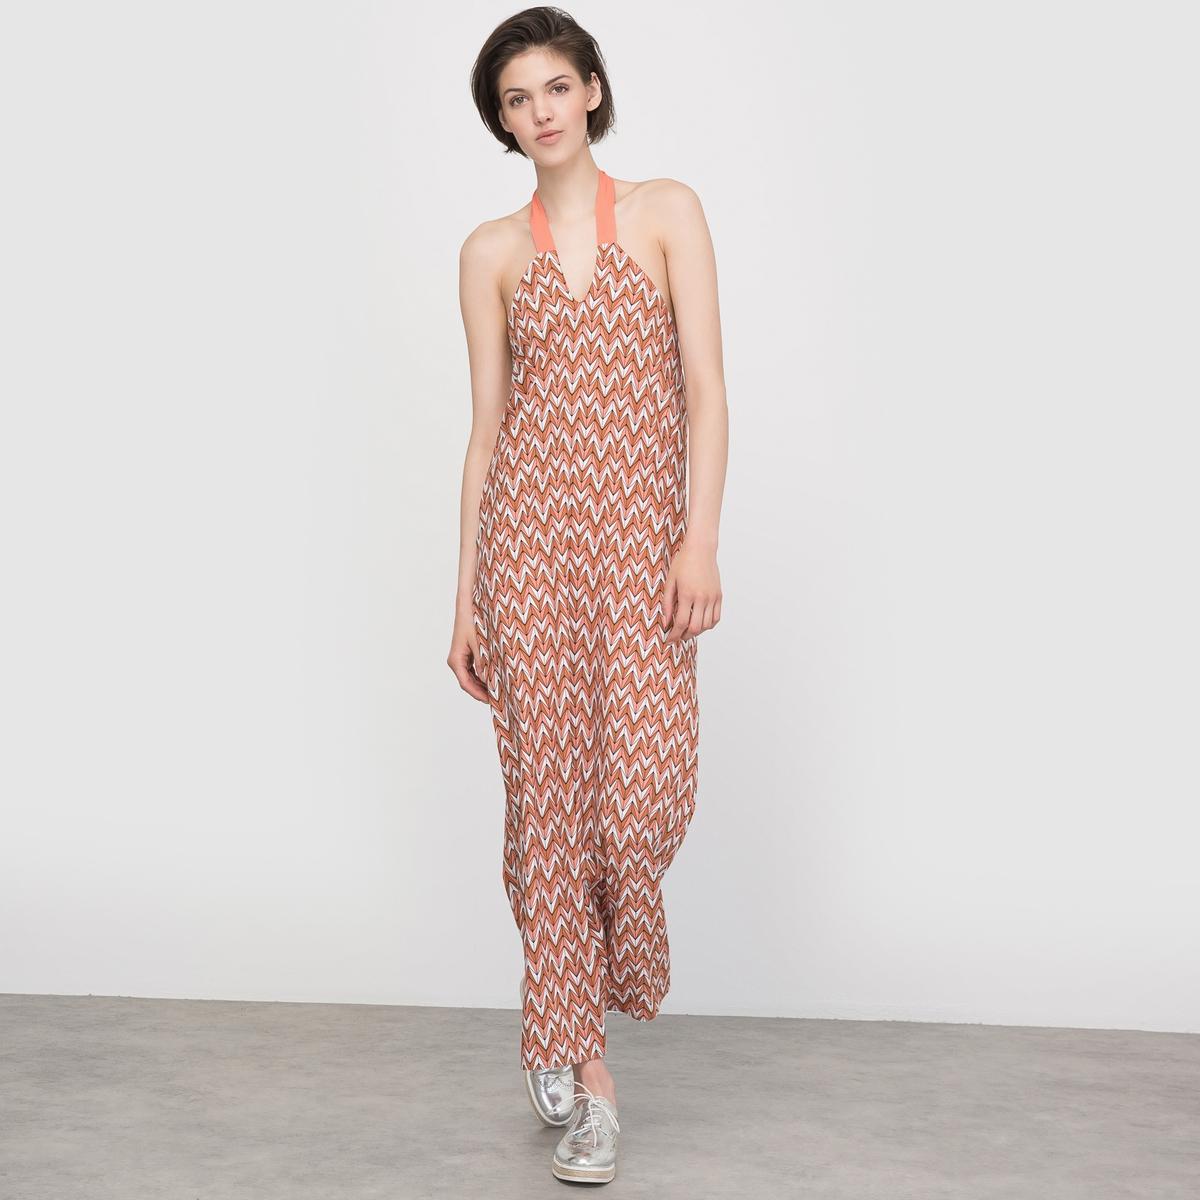 Платье длинное с открытой спиной и цветочным рисункомПлатье длинное из струящегося крепа с цветочным рисунком и застежкой на молнию. Прямой покрой, открытые плечи. V-образный вырез с завязками на шее. Прямая эластичная спинка. Состав и описаниеМарка : LES PETITS PRIXМатериалы  : 100% вискозы УходМашинная стирка при 30 °C в деликатном режиме с вещами схожих цветов Стирка и глажка с изнаночной стороны Машинная сушка запрещена Гладить при умеренной температуре<br><br>Цвет: набивной рисунок